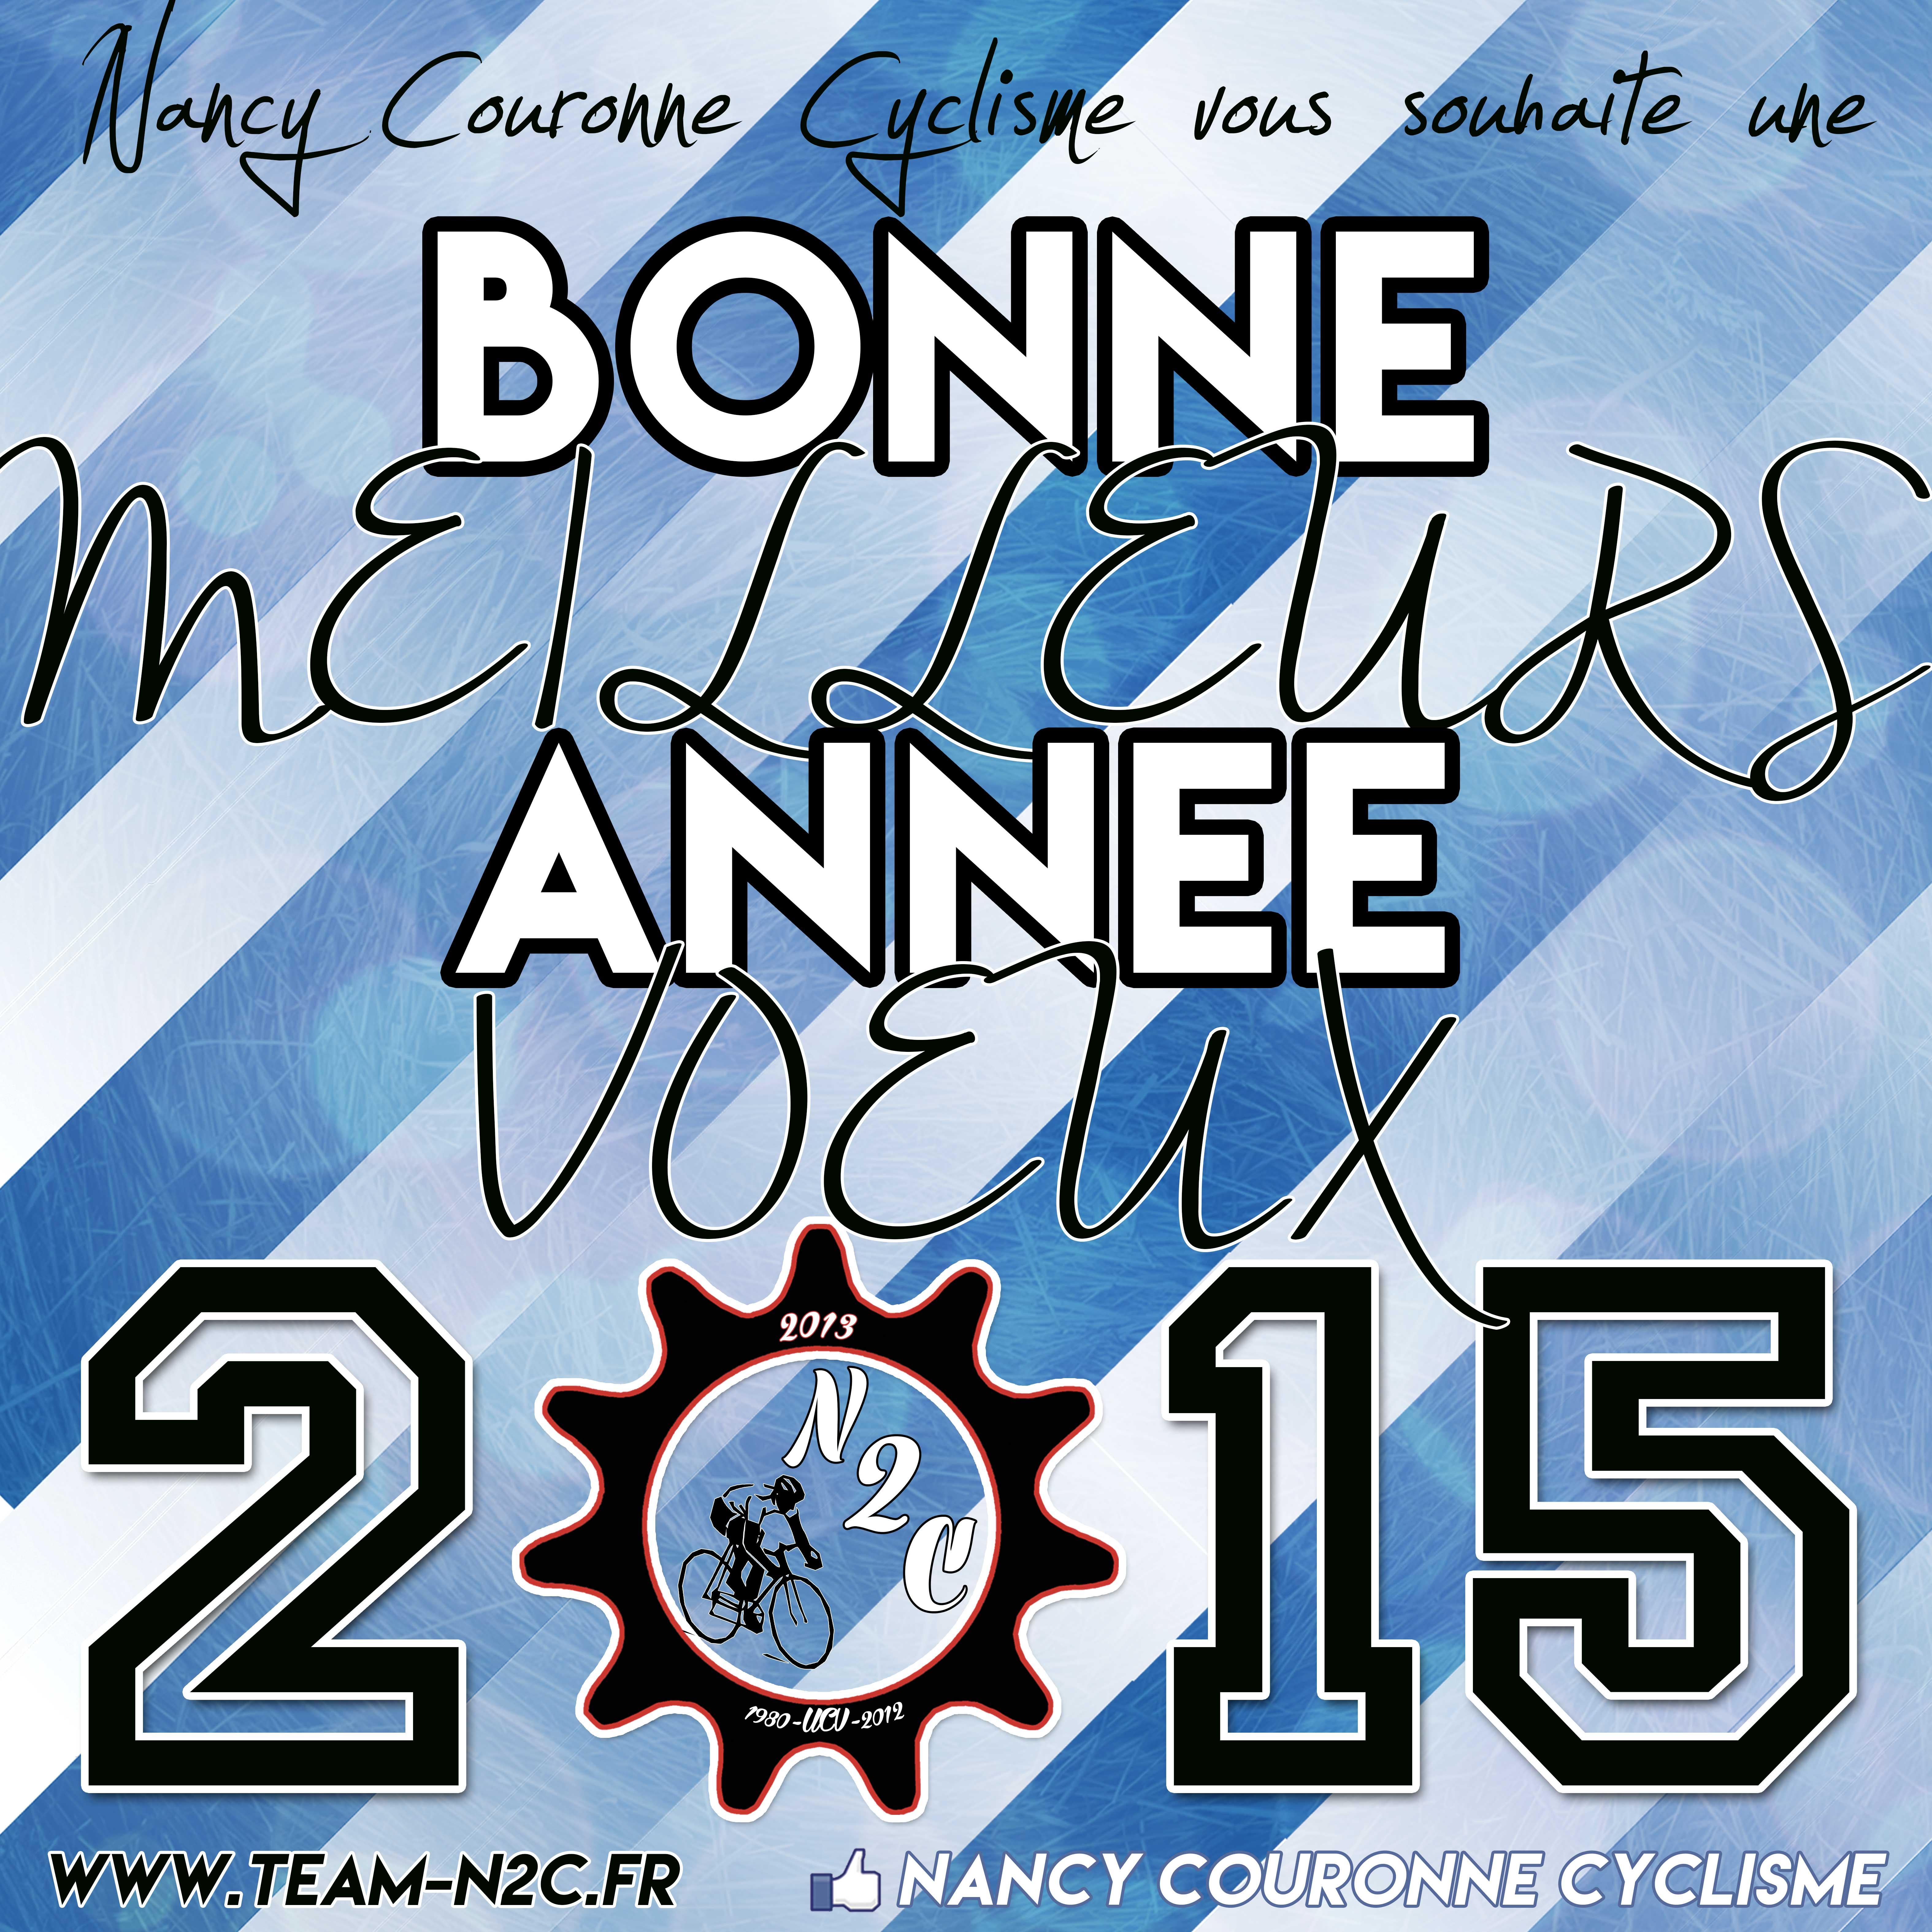 Carte-de-Voeux-N2C-2015 v2